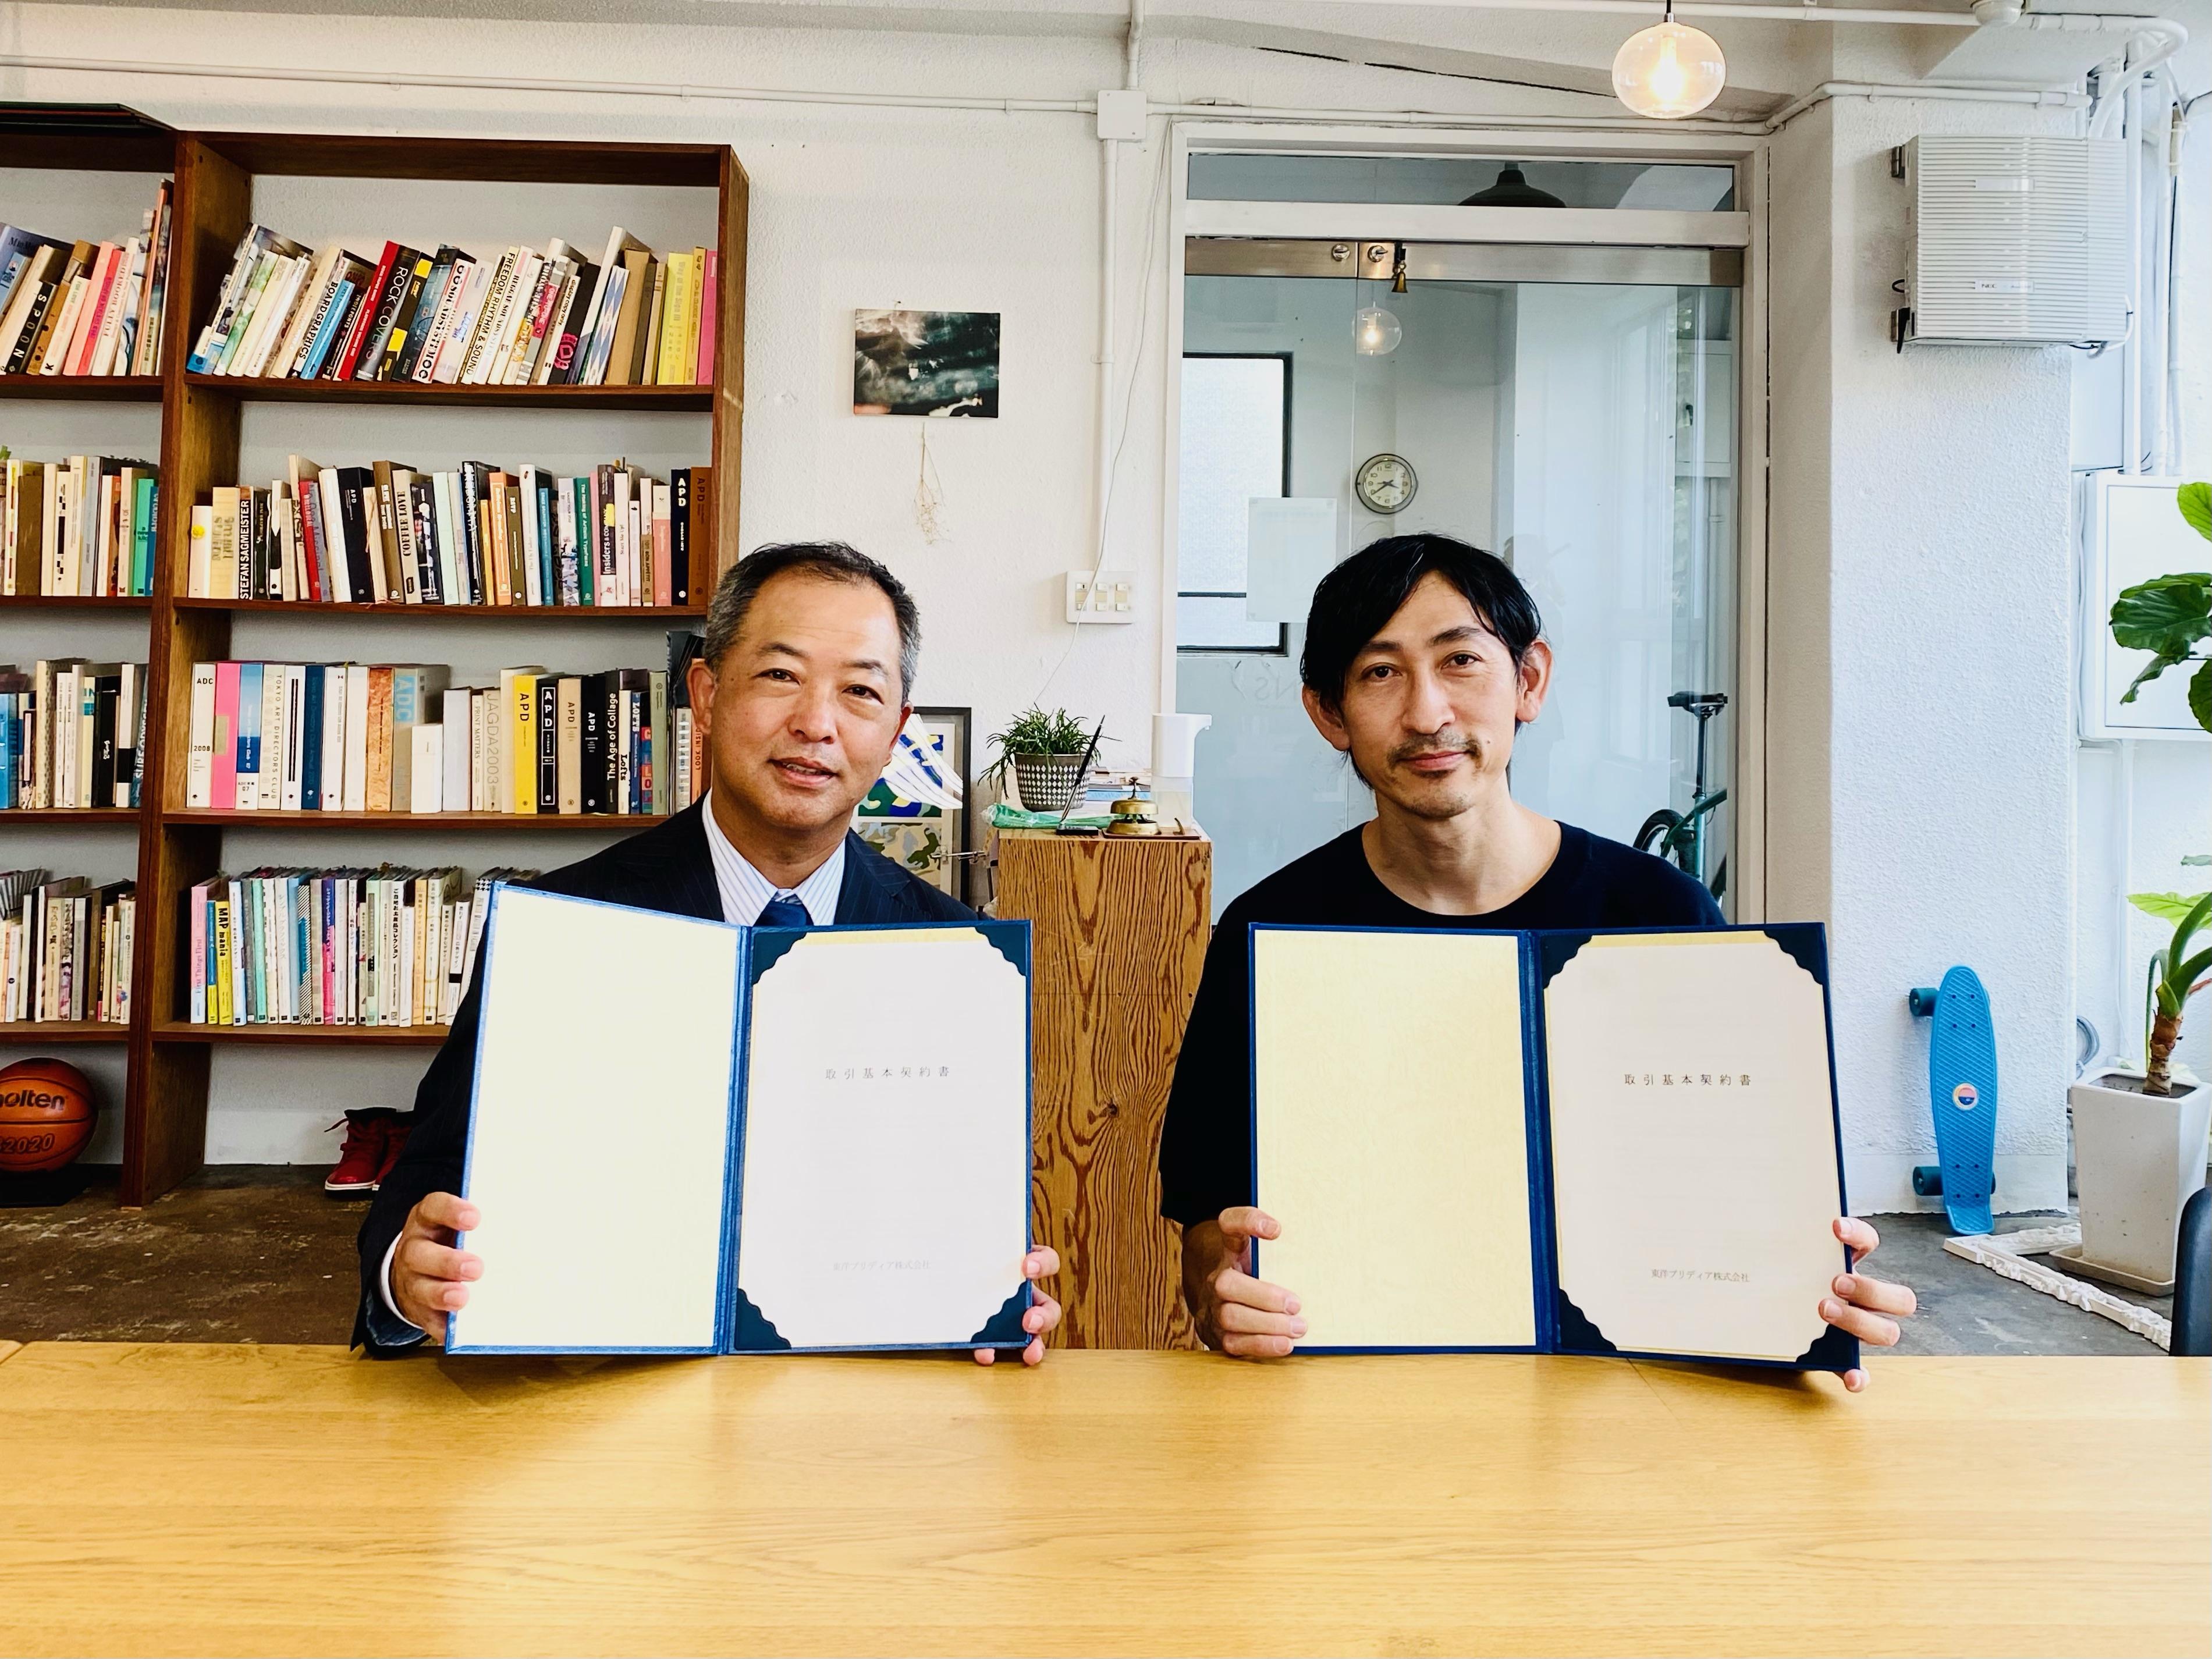 名古屋 ブランディング レンズアソシエイツ 業務提携 東洋プリディア